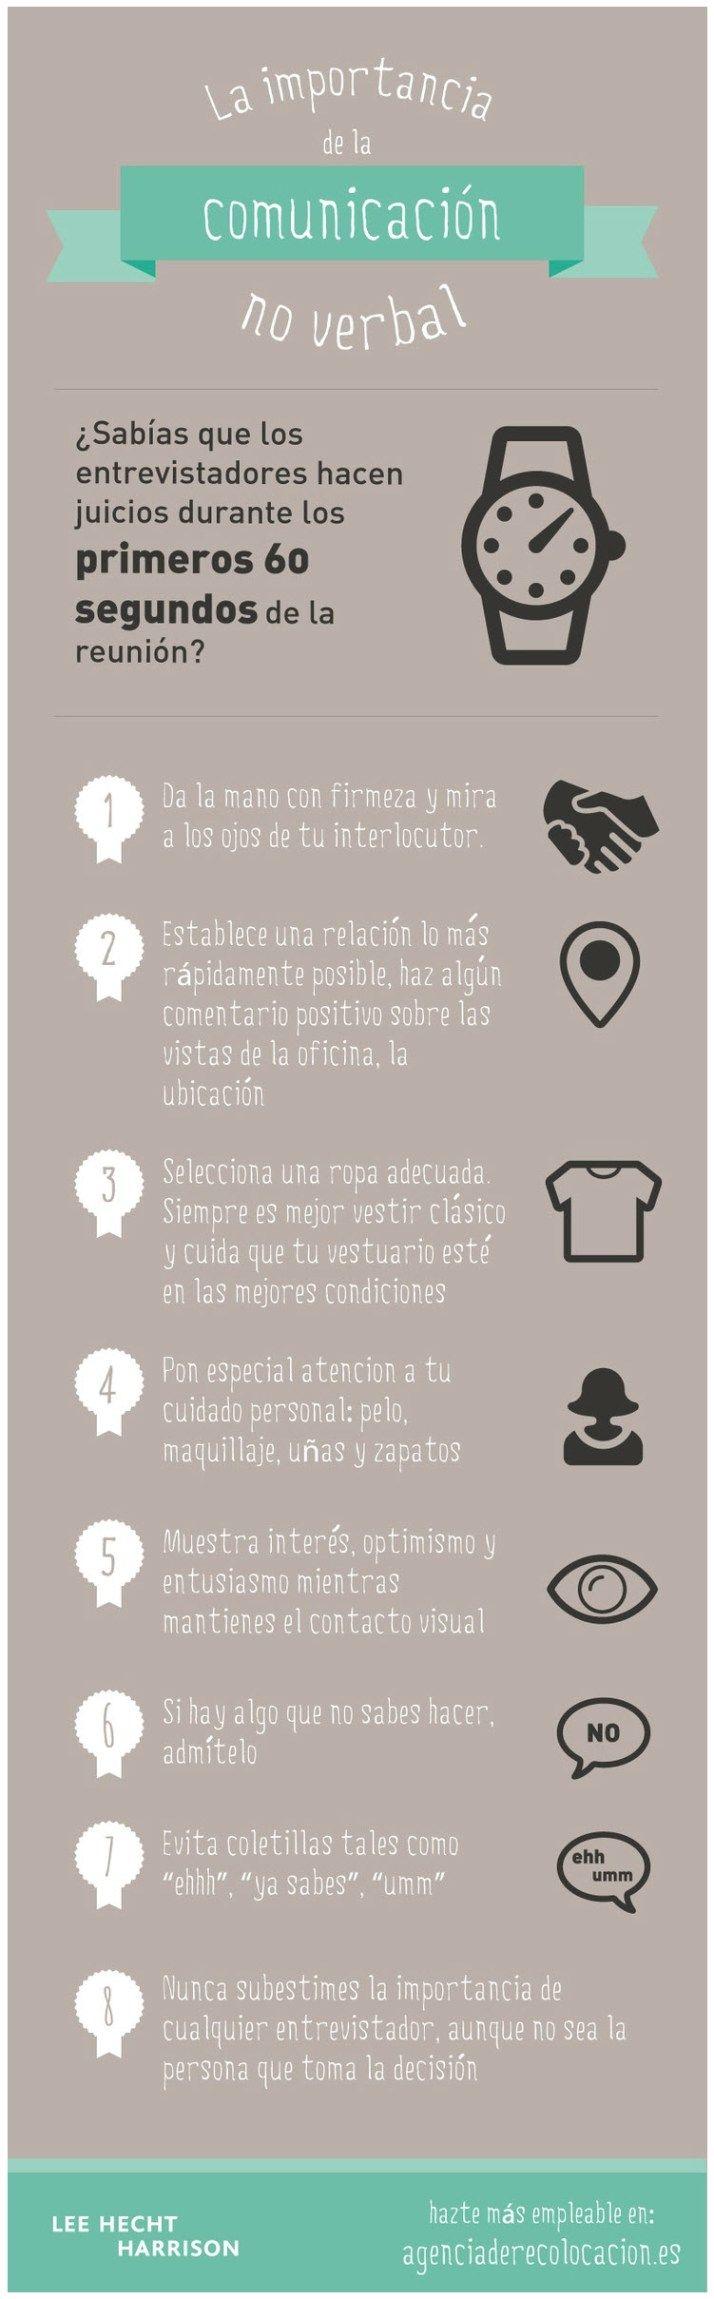 Comunicación no verbal en la entrevista de trabajo #infografia #infographic